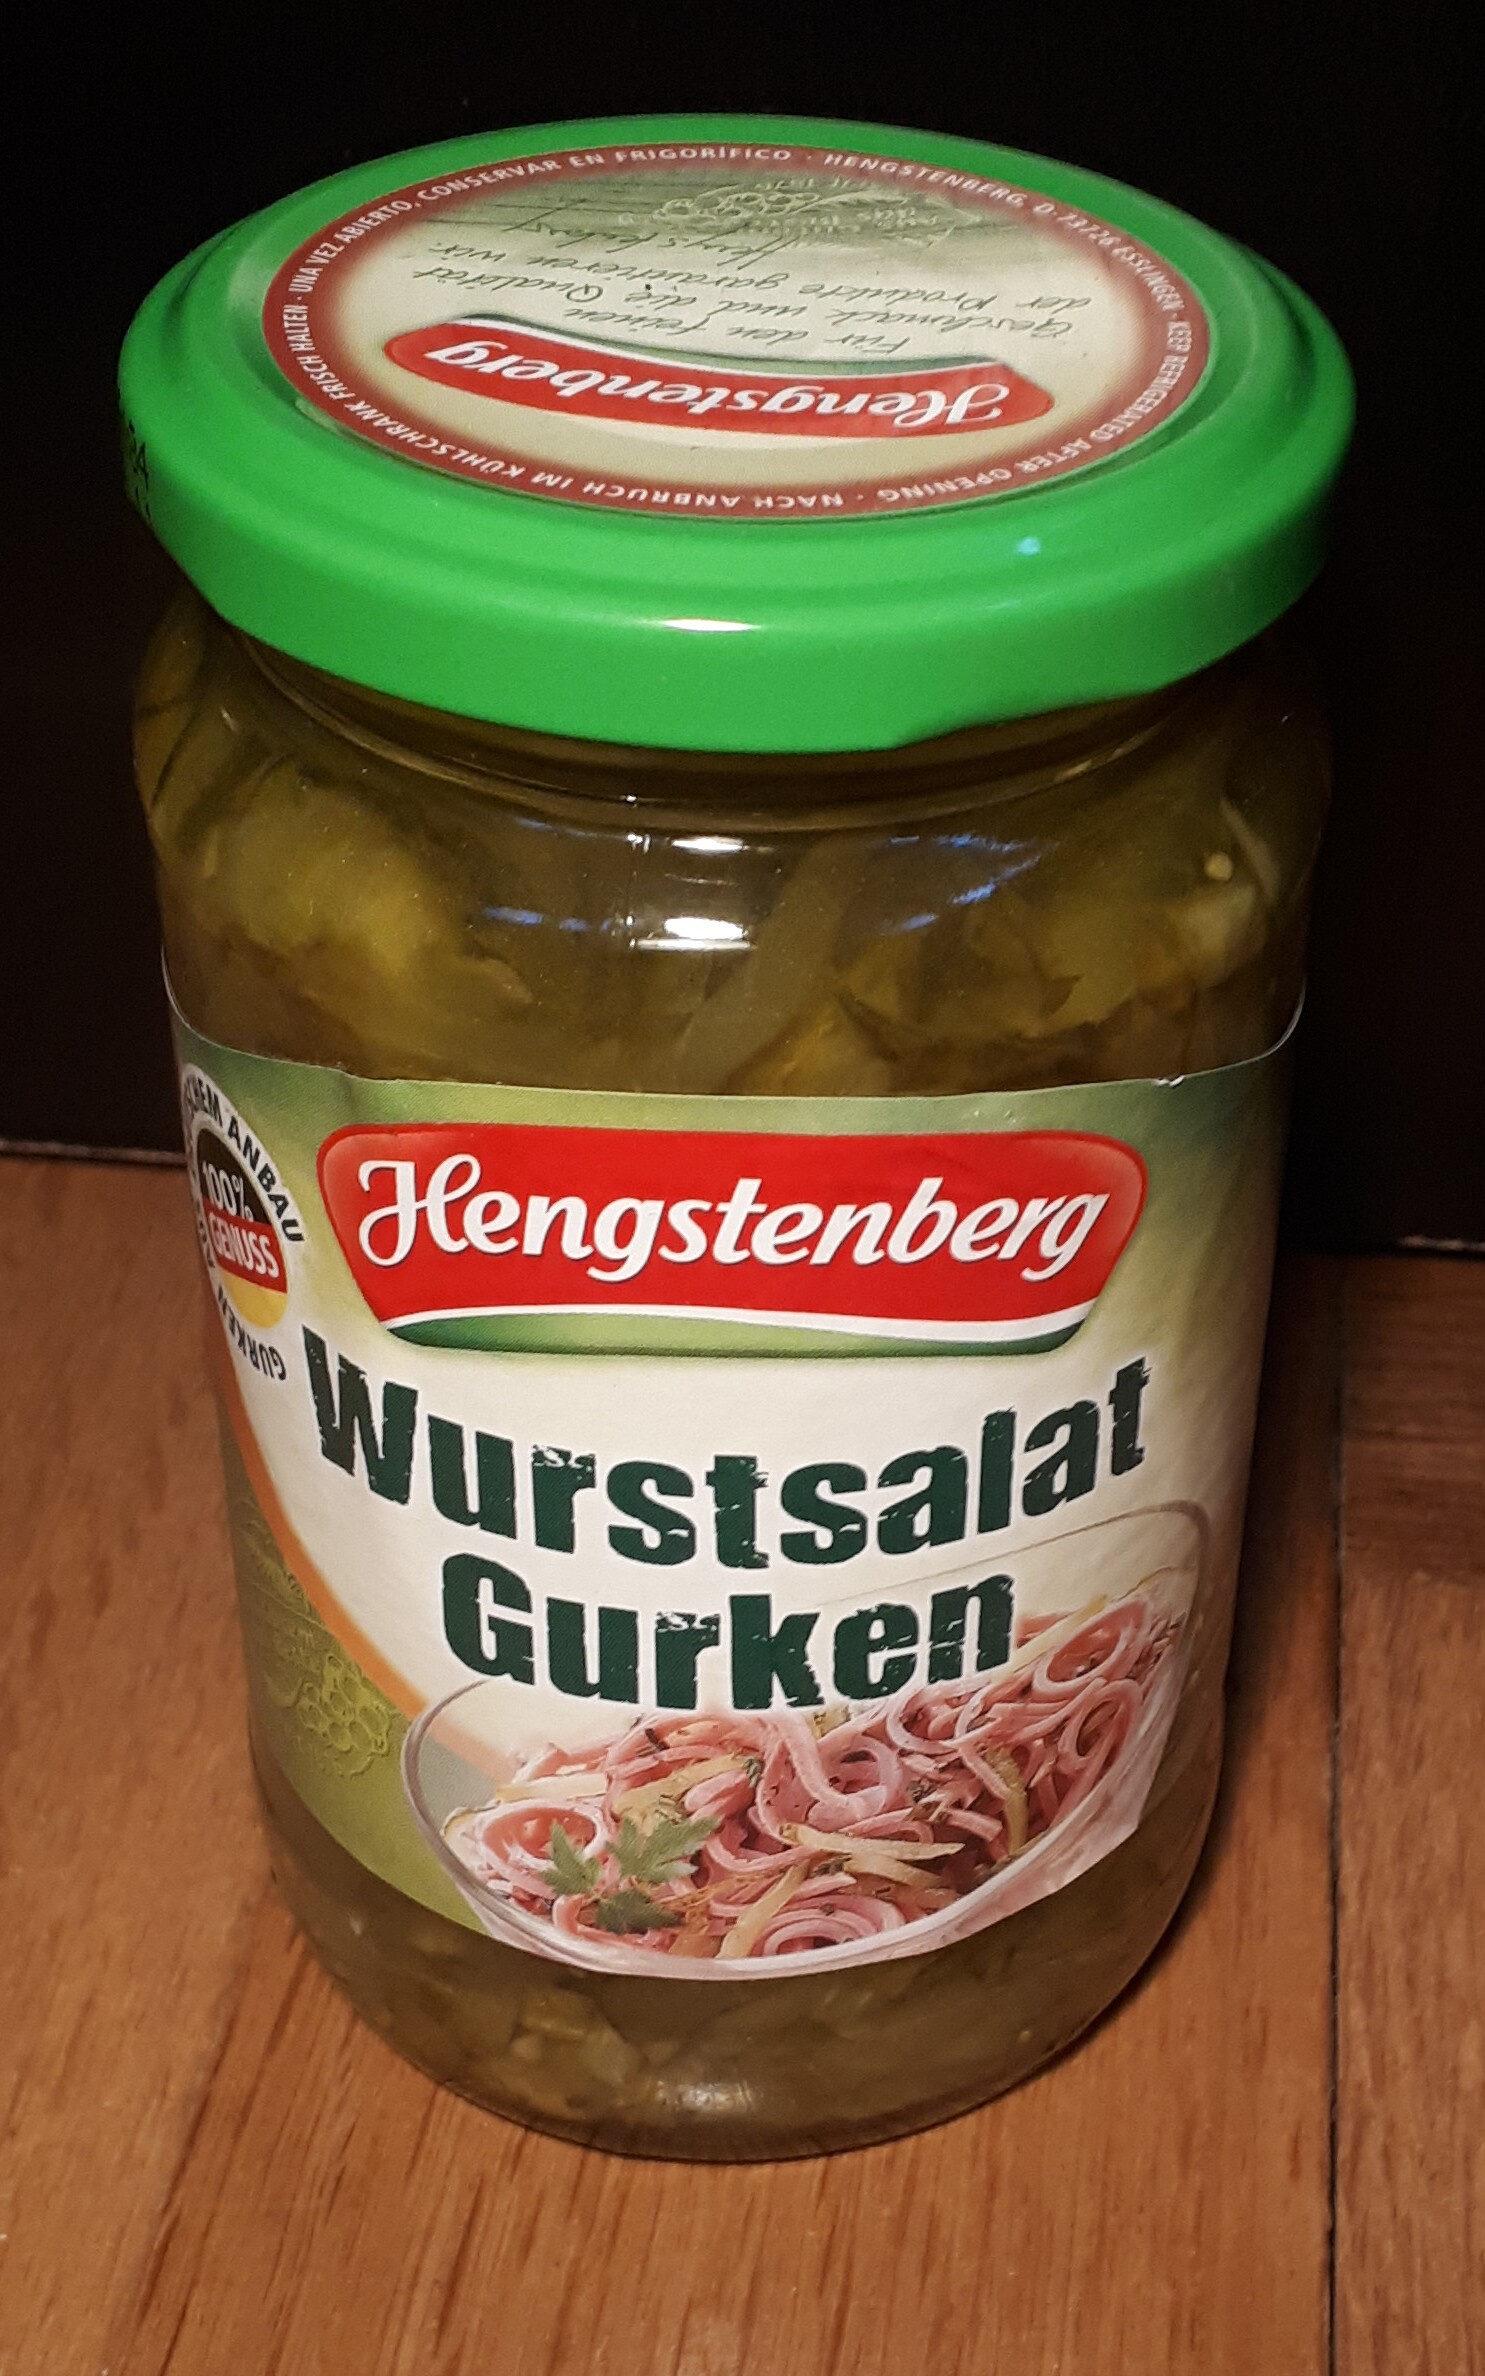 Wurstsalat Gurken - Produit - de